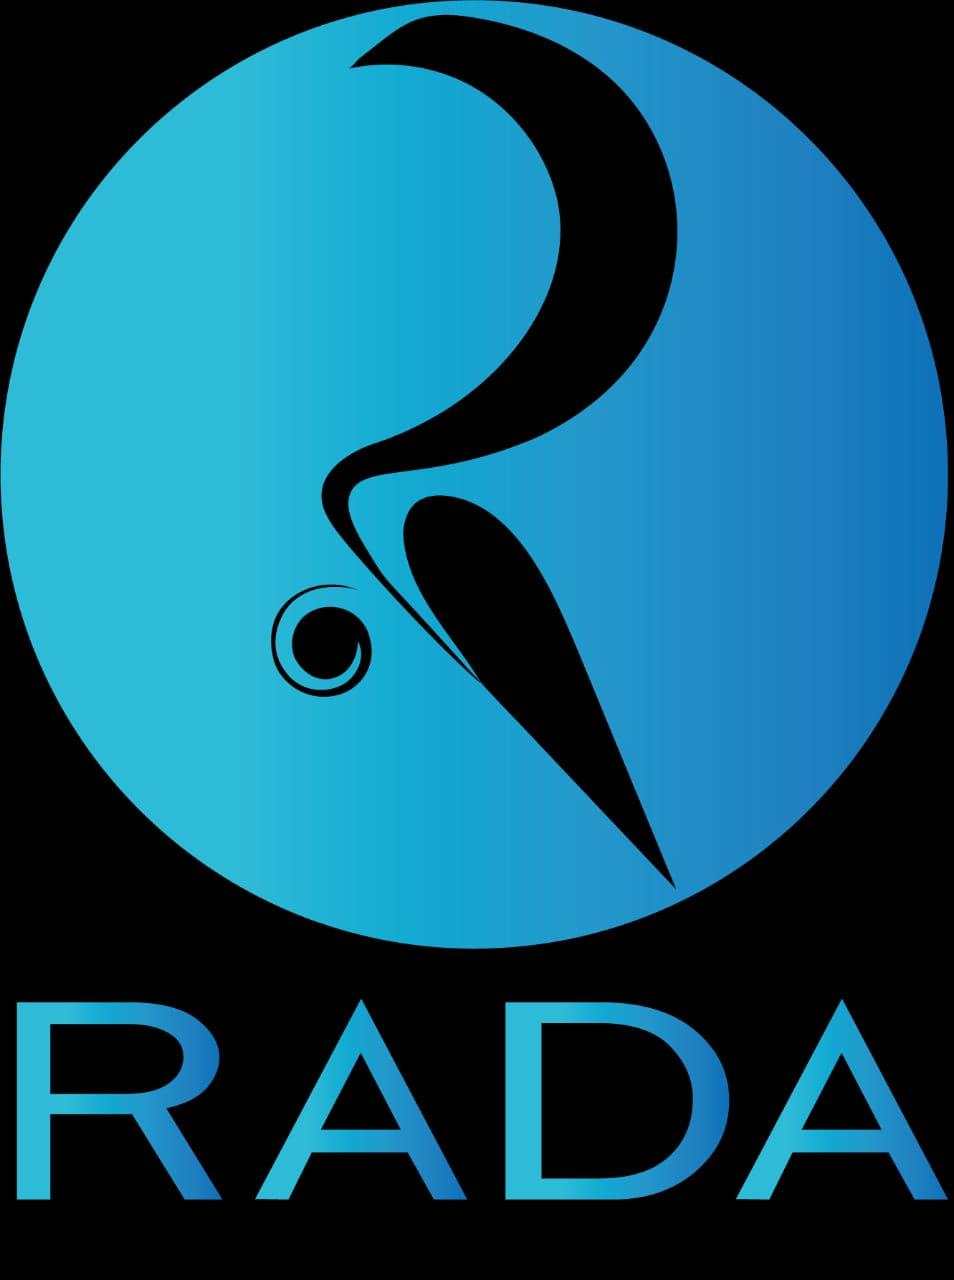 RADA logo.jpg